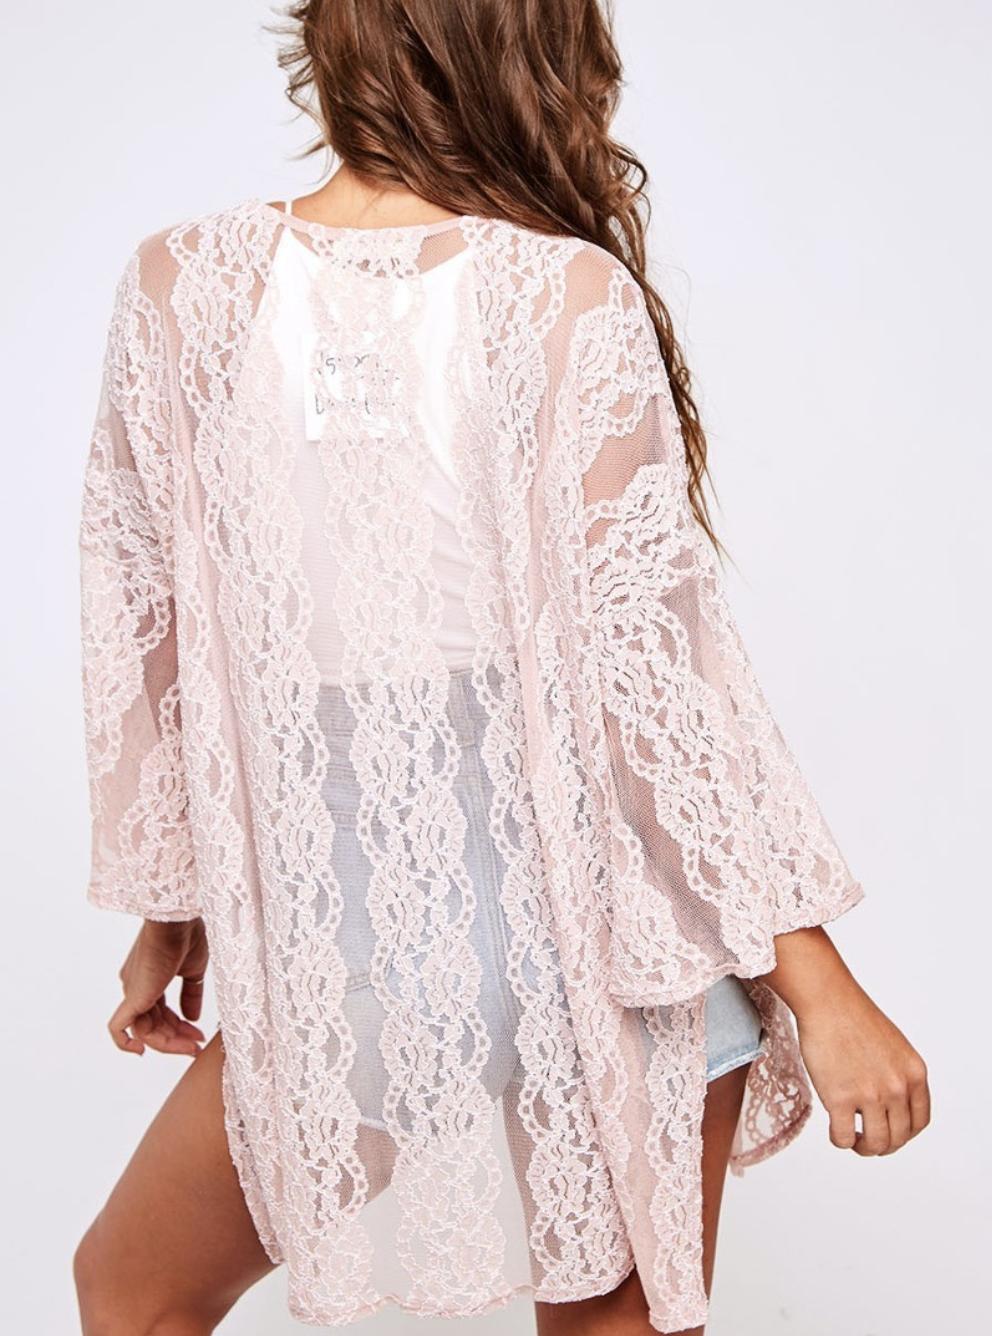 Lace Knit Kimono Jacket